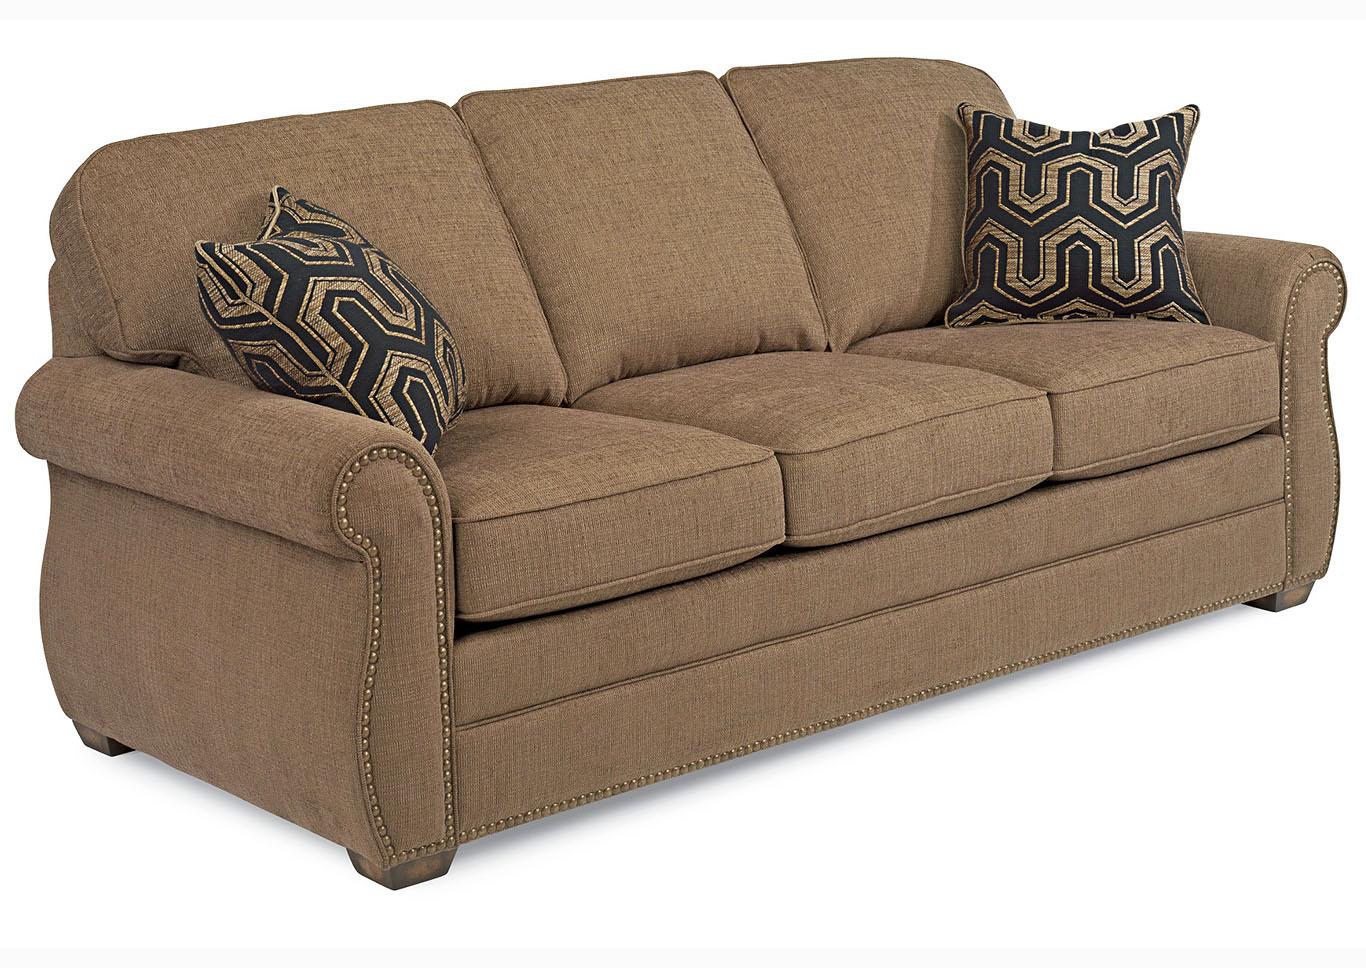 Whitney Fabric Sofa W/Nailhead Trim,Flexsteel